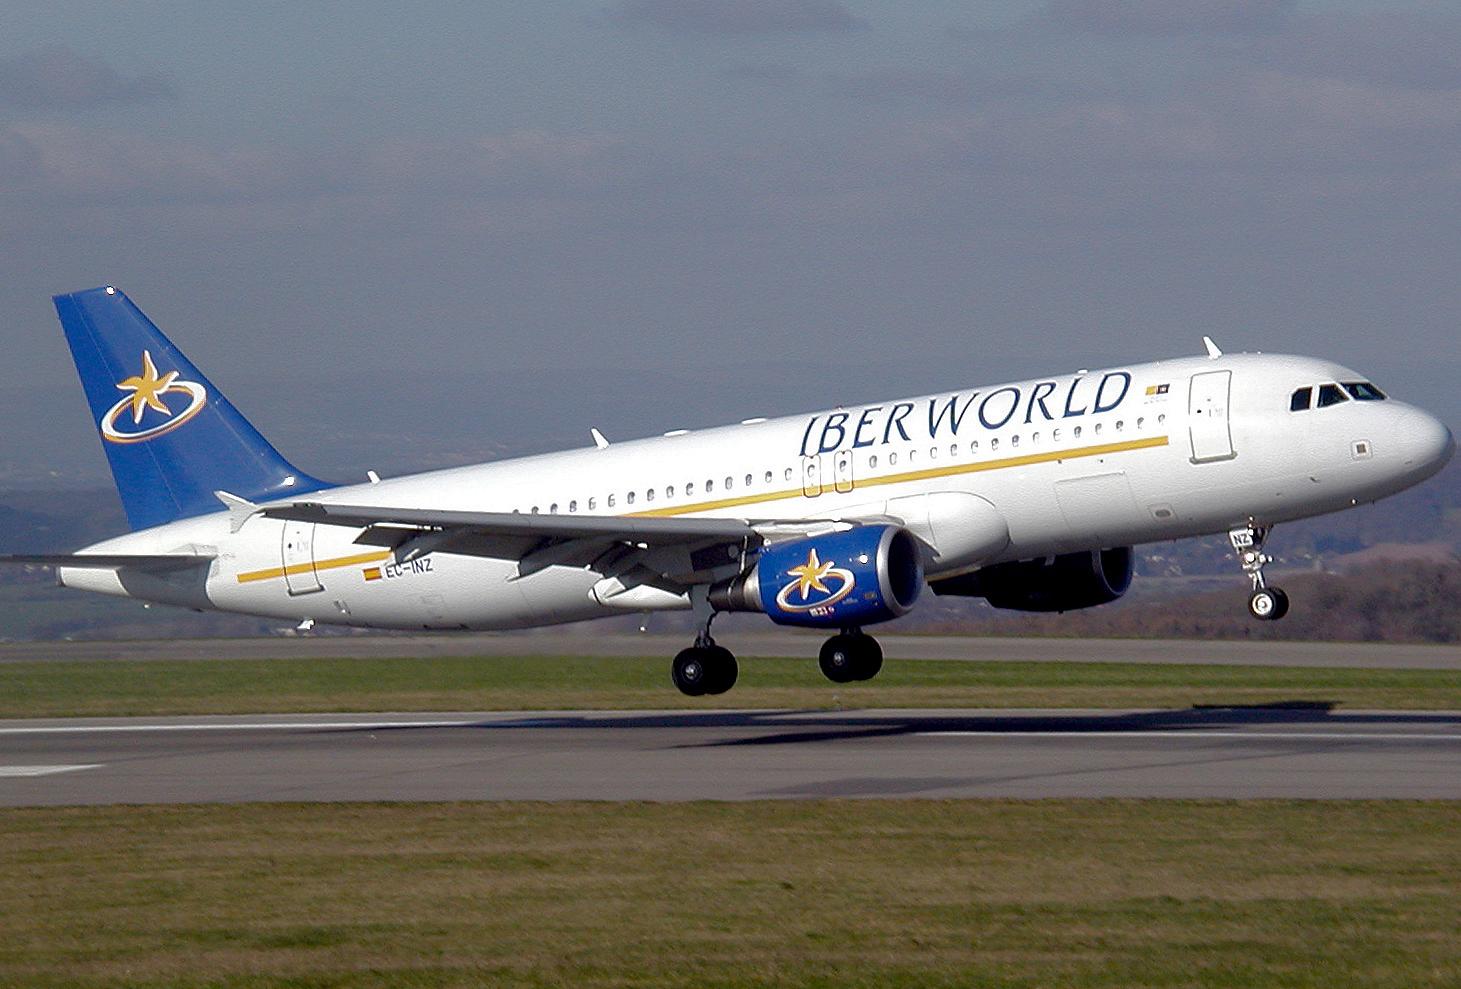 Авиакомпания Иберверлд Эйрлайнз (Iberworld Airlines). Официальный сайт.2